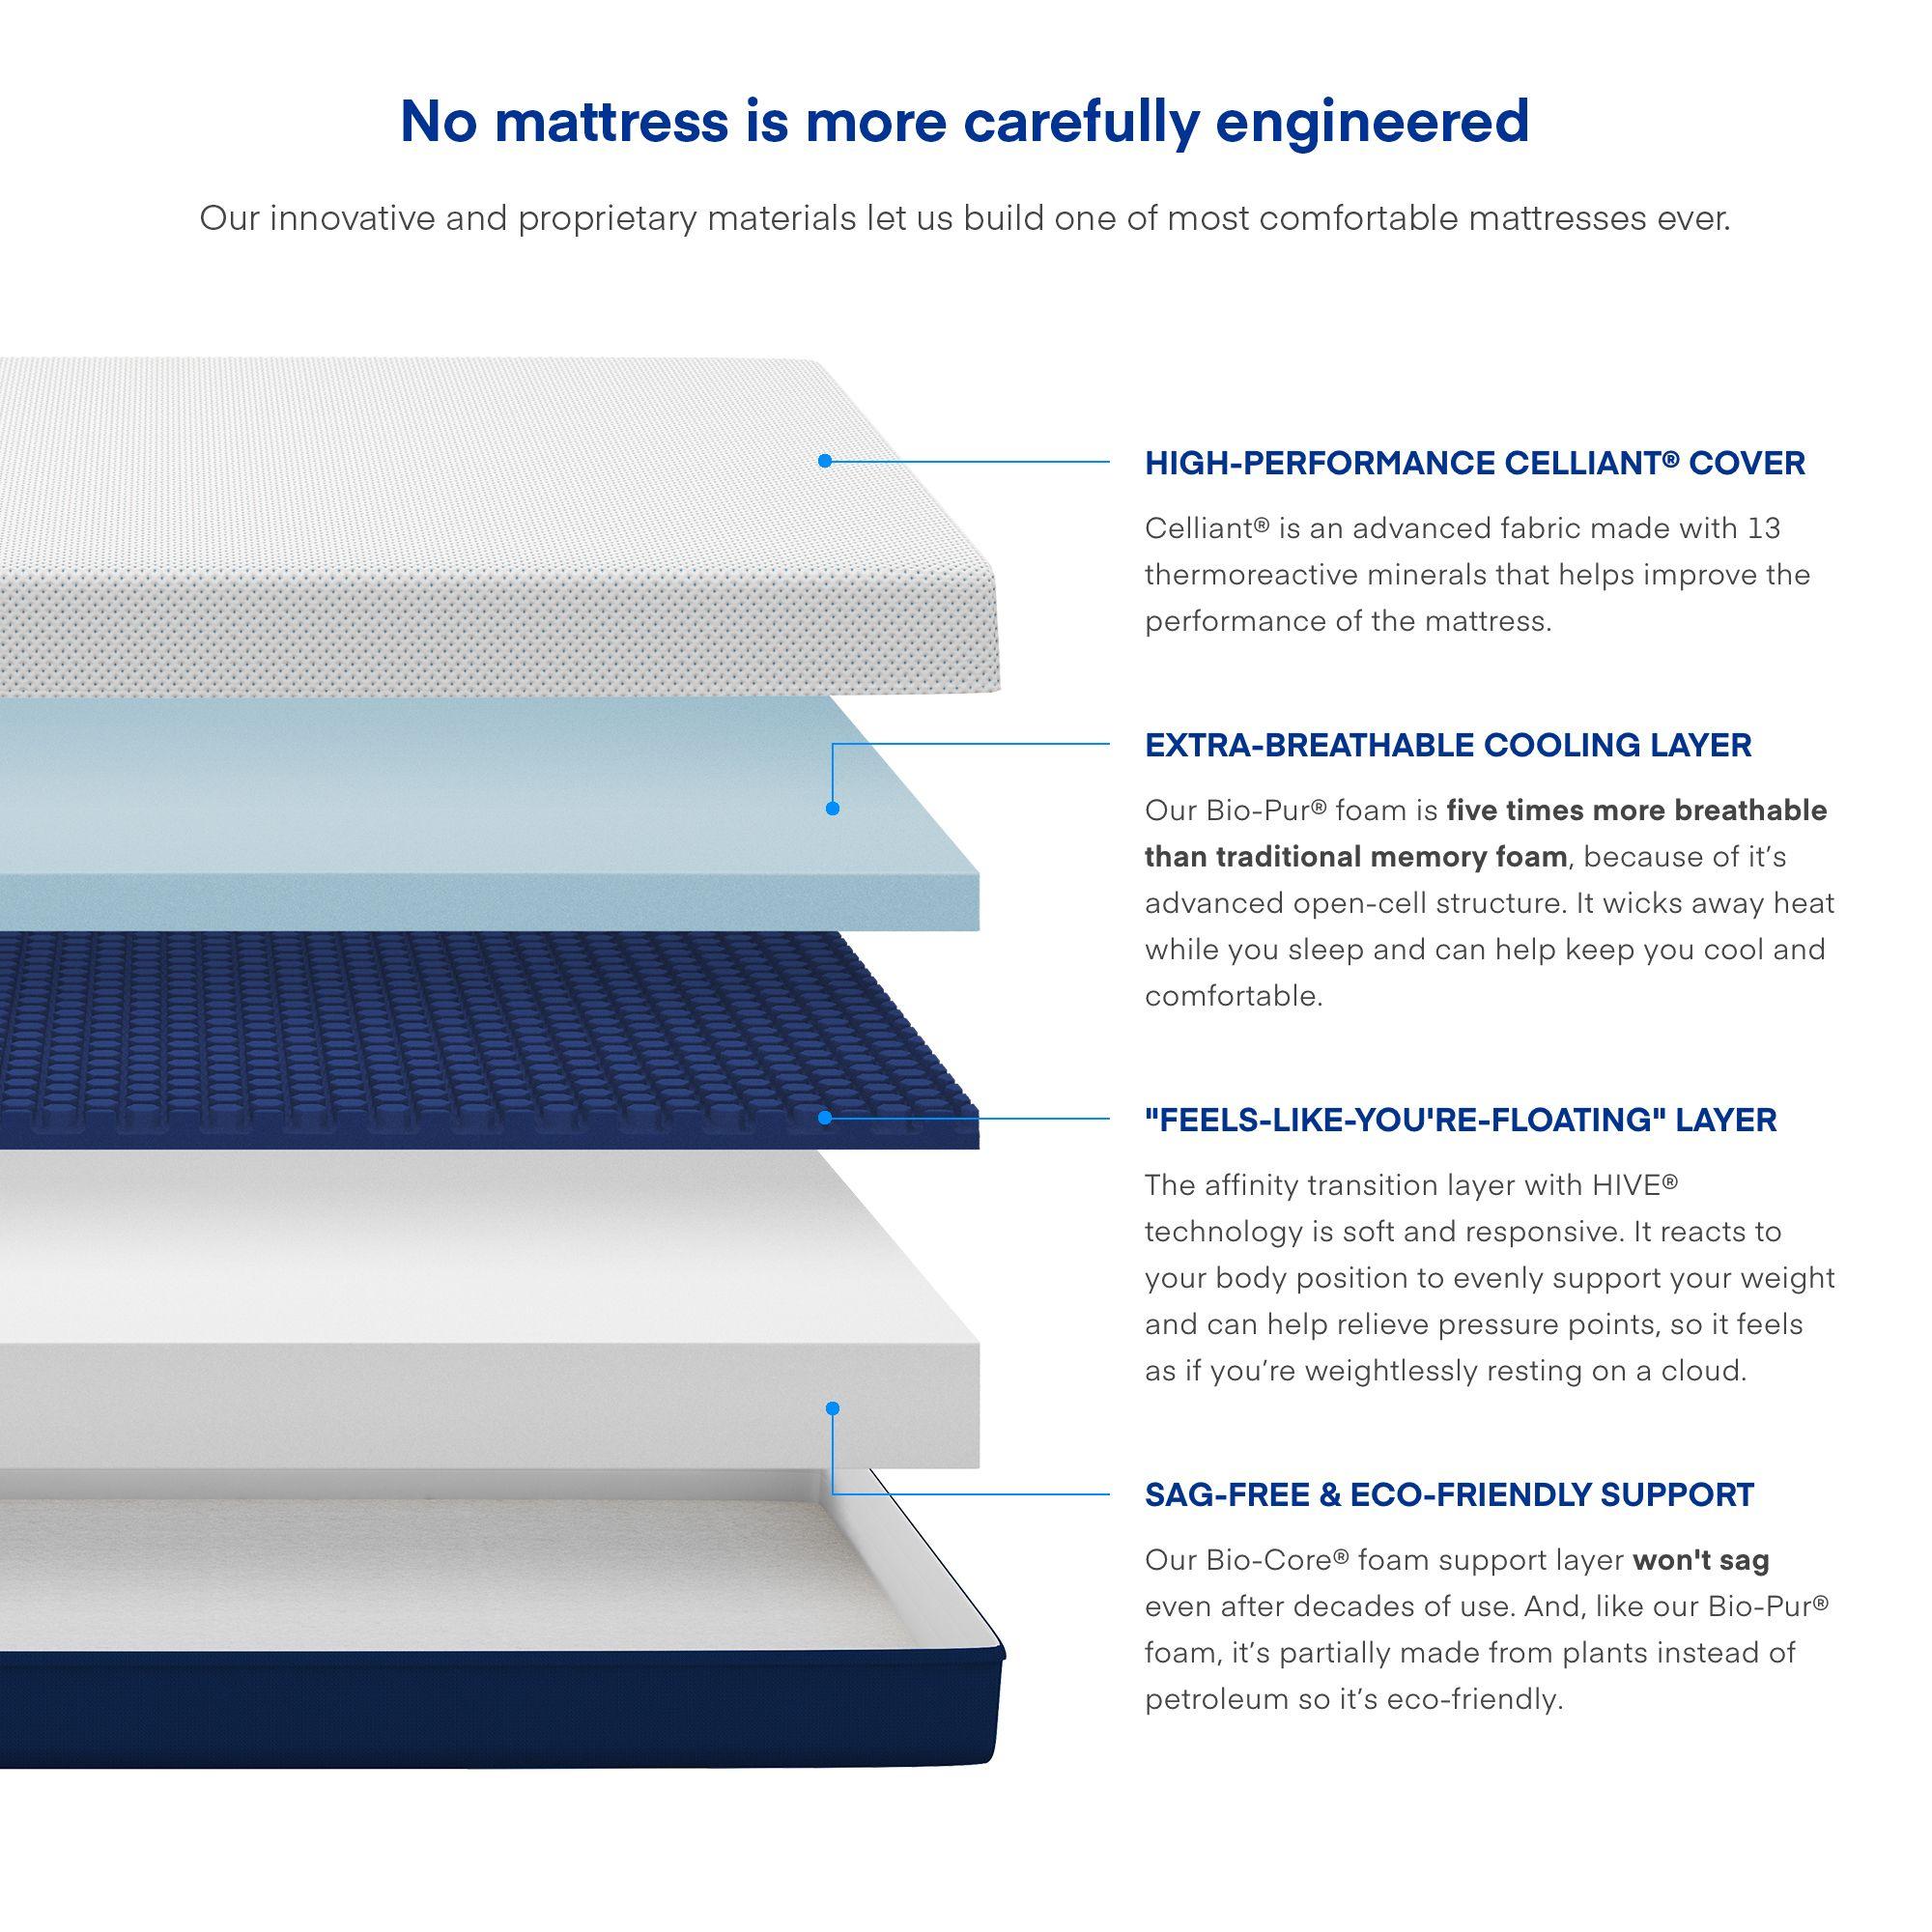 Amerisleep As3 Medium Blended Firm Soft Memory Foam Luxury Bed Mattress Queen Ad Blen In 2020 Firm Memory Foam Mattress Foam Mattress Bed Queen Memory Foam Mattress